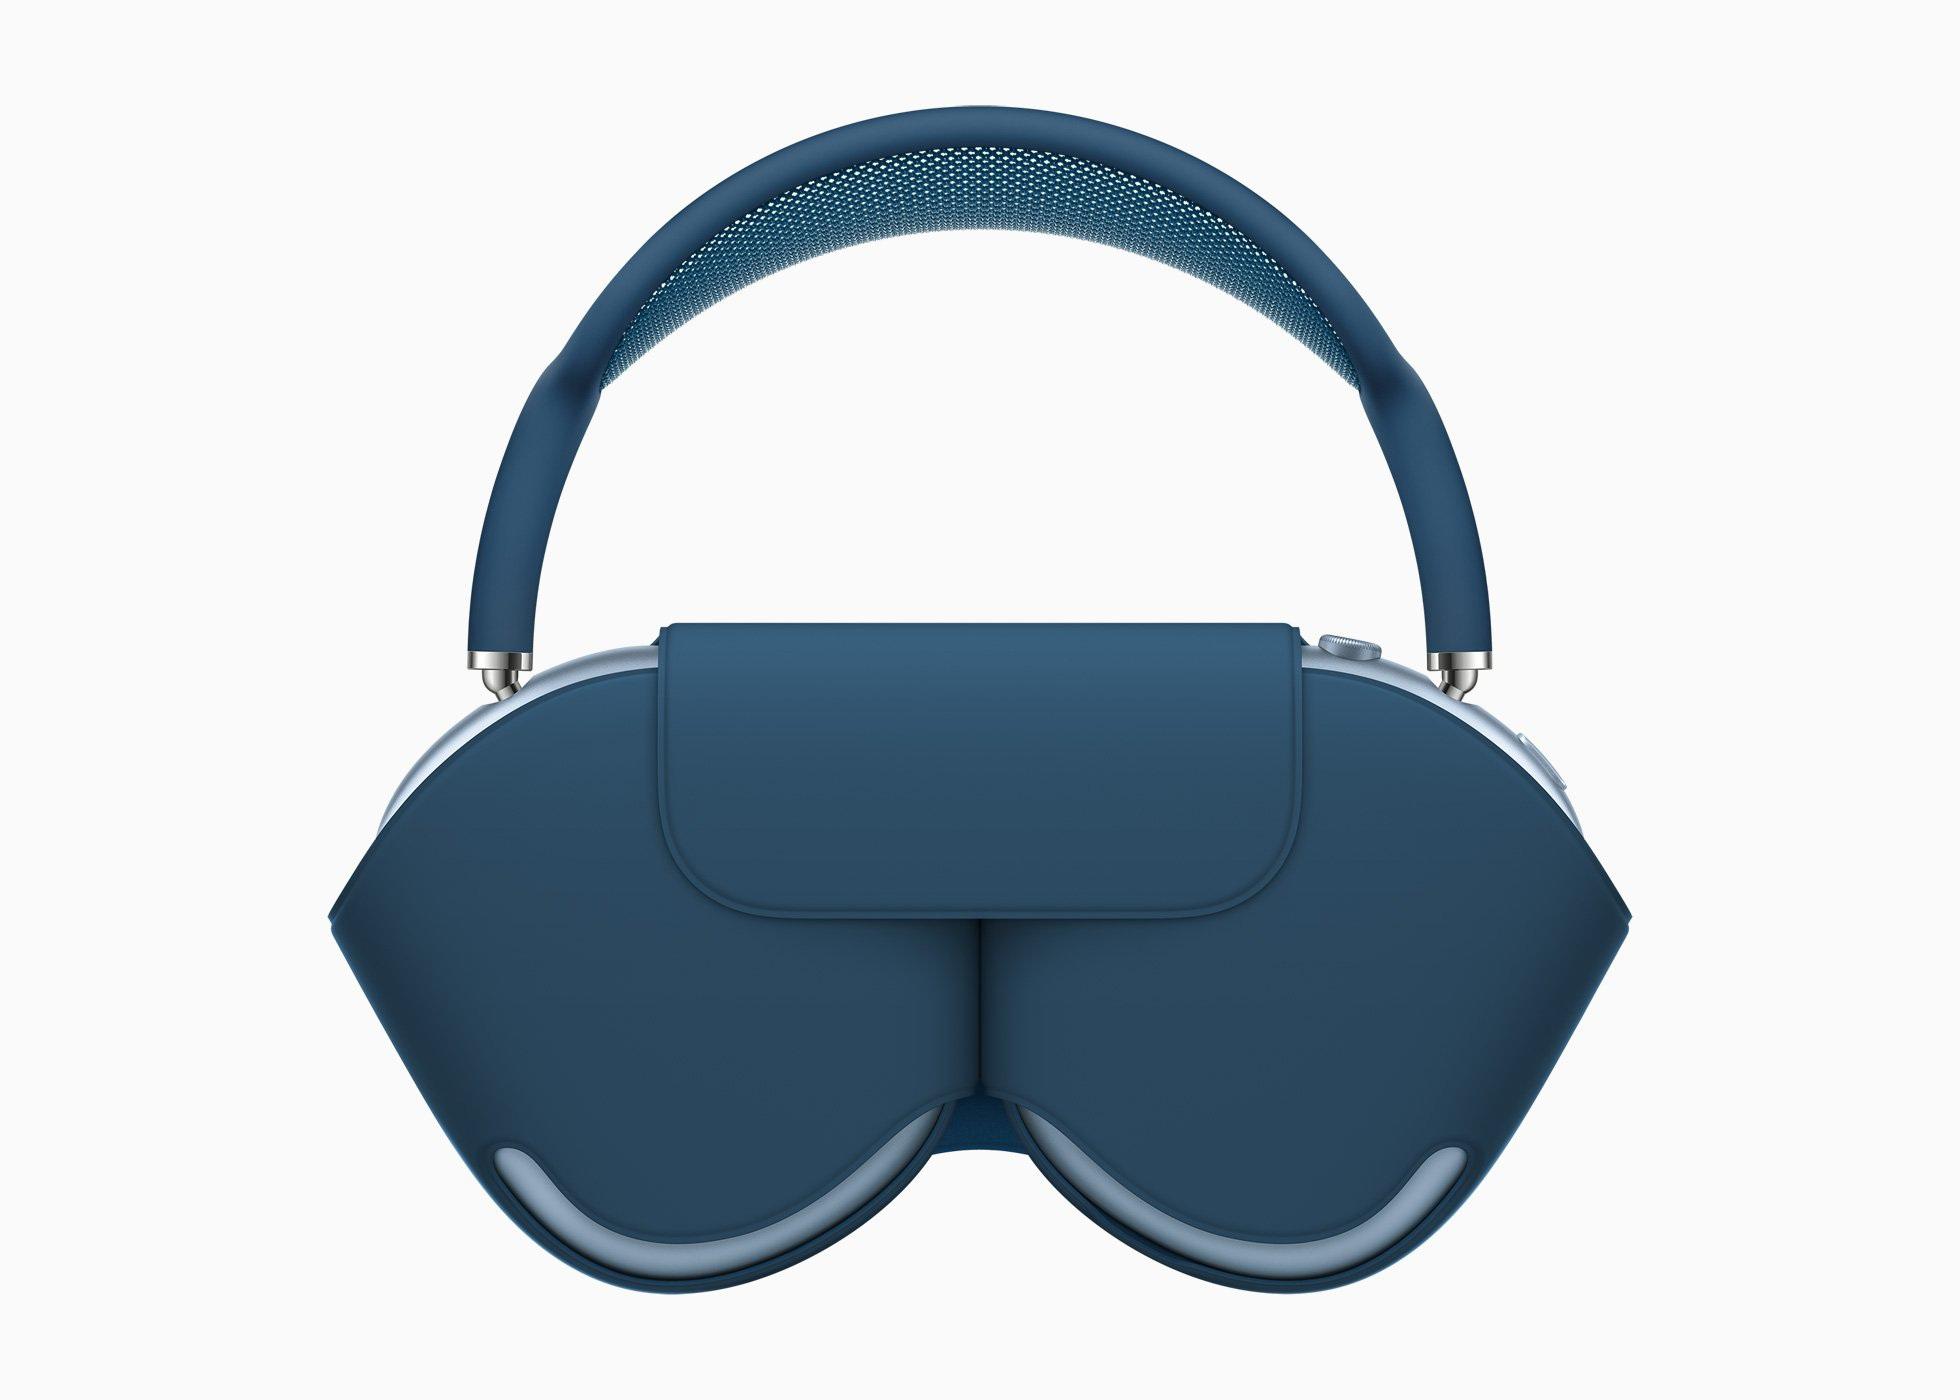 Apple ra mắt tai nghe trùm đầu AirPods Max với thiết kế lạ mắt, giá 549 USD - 3